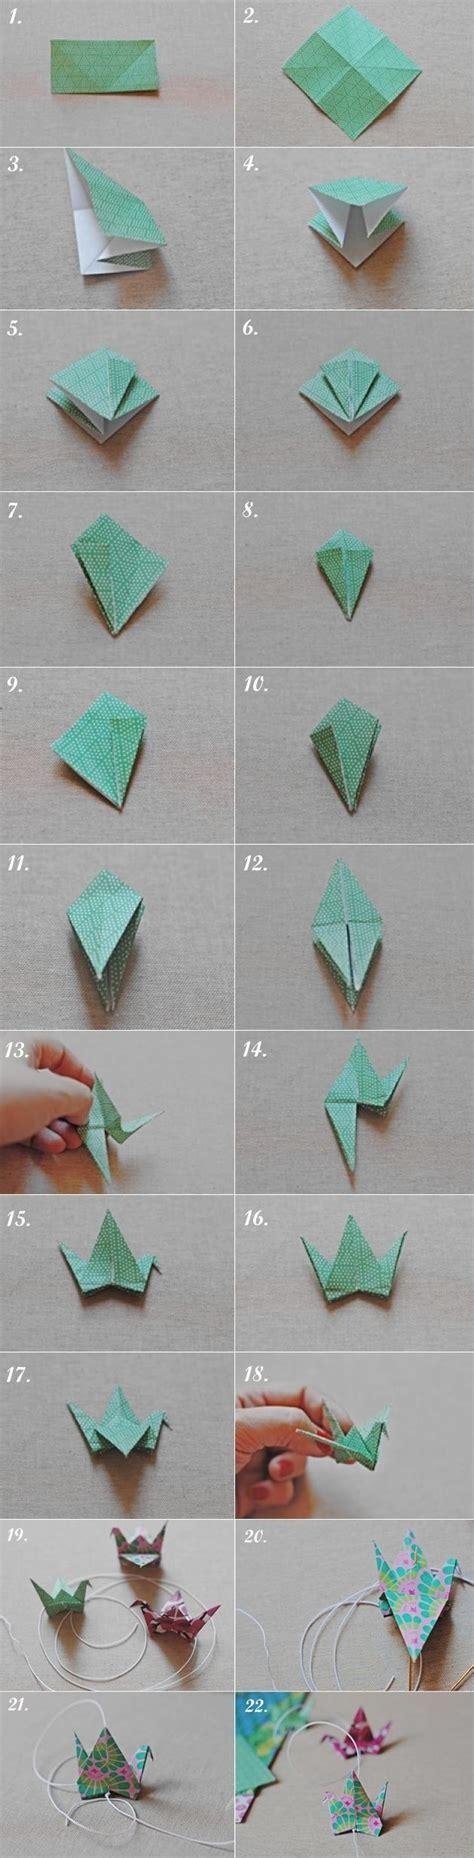 Diy Origami Crane - cortina de grullas de origami origami cranes curtain